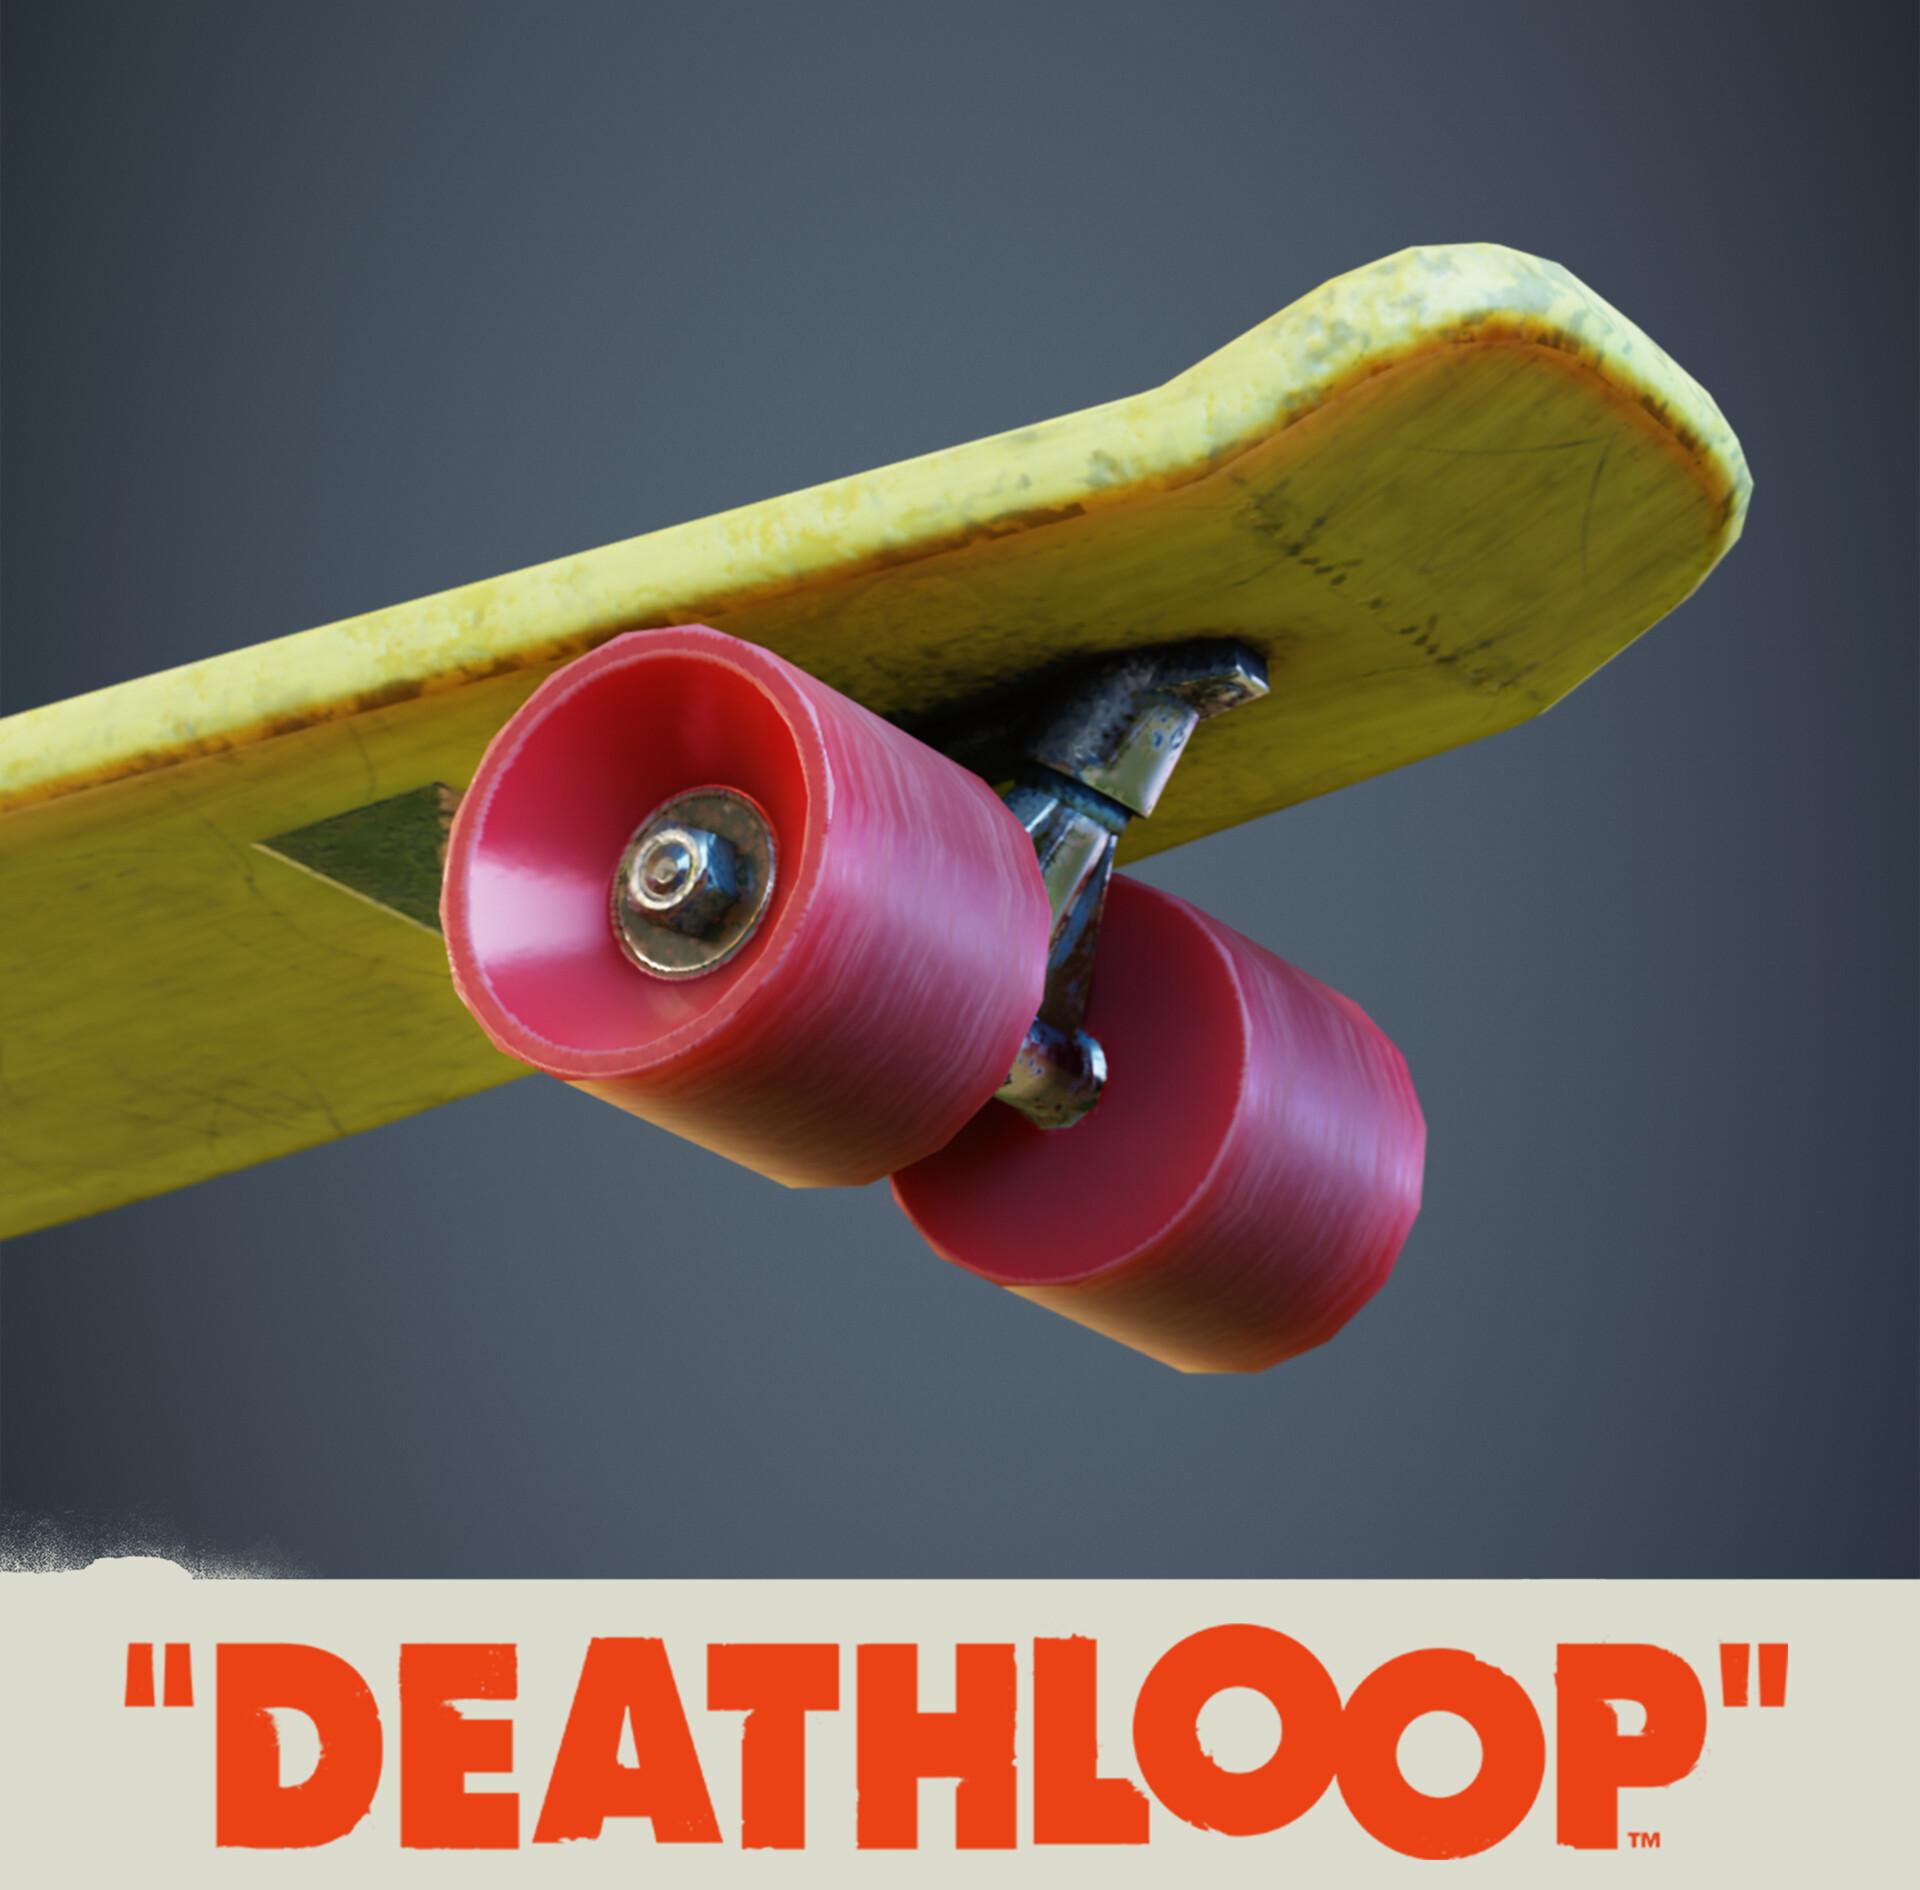 Skateboard: Deathloop Prop